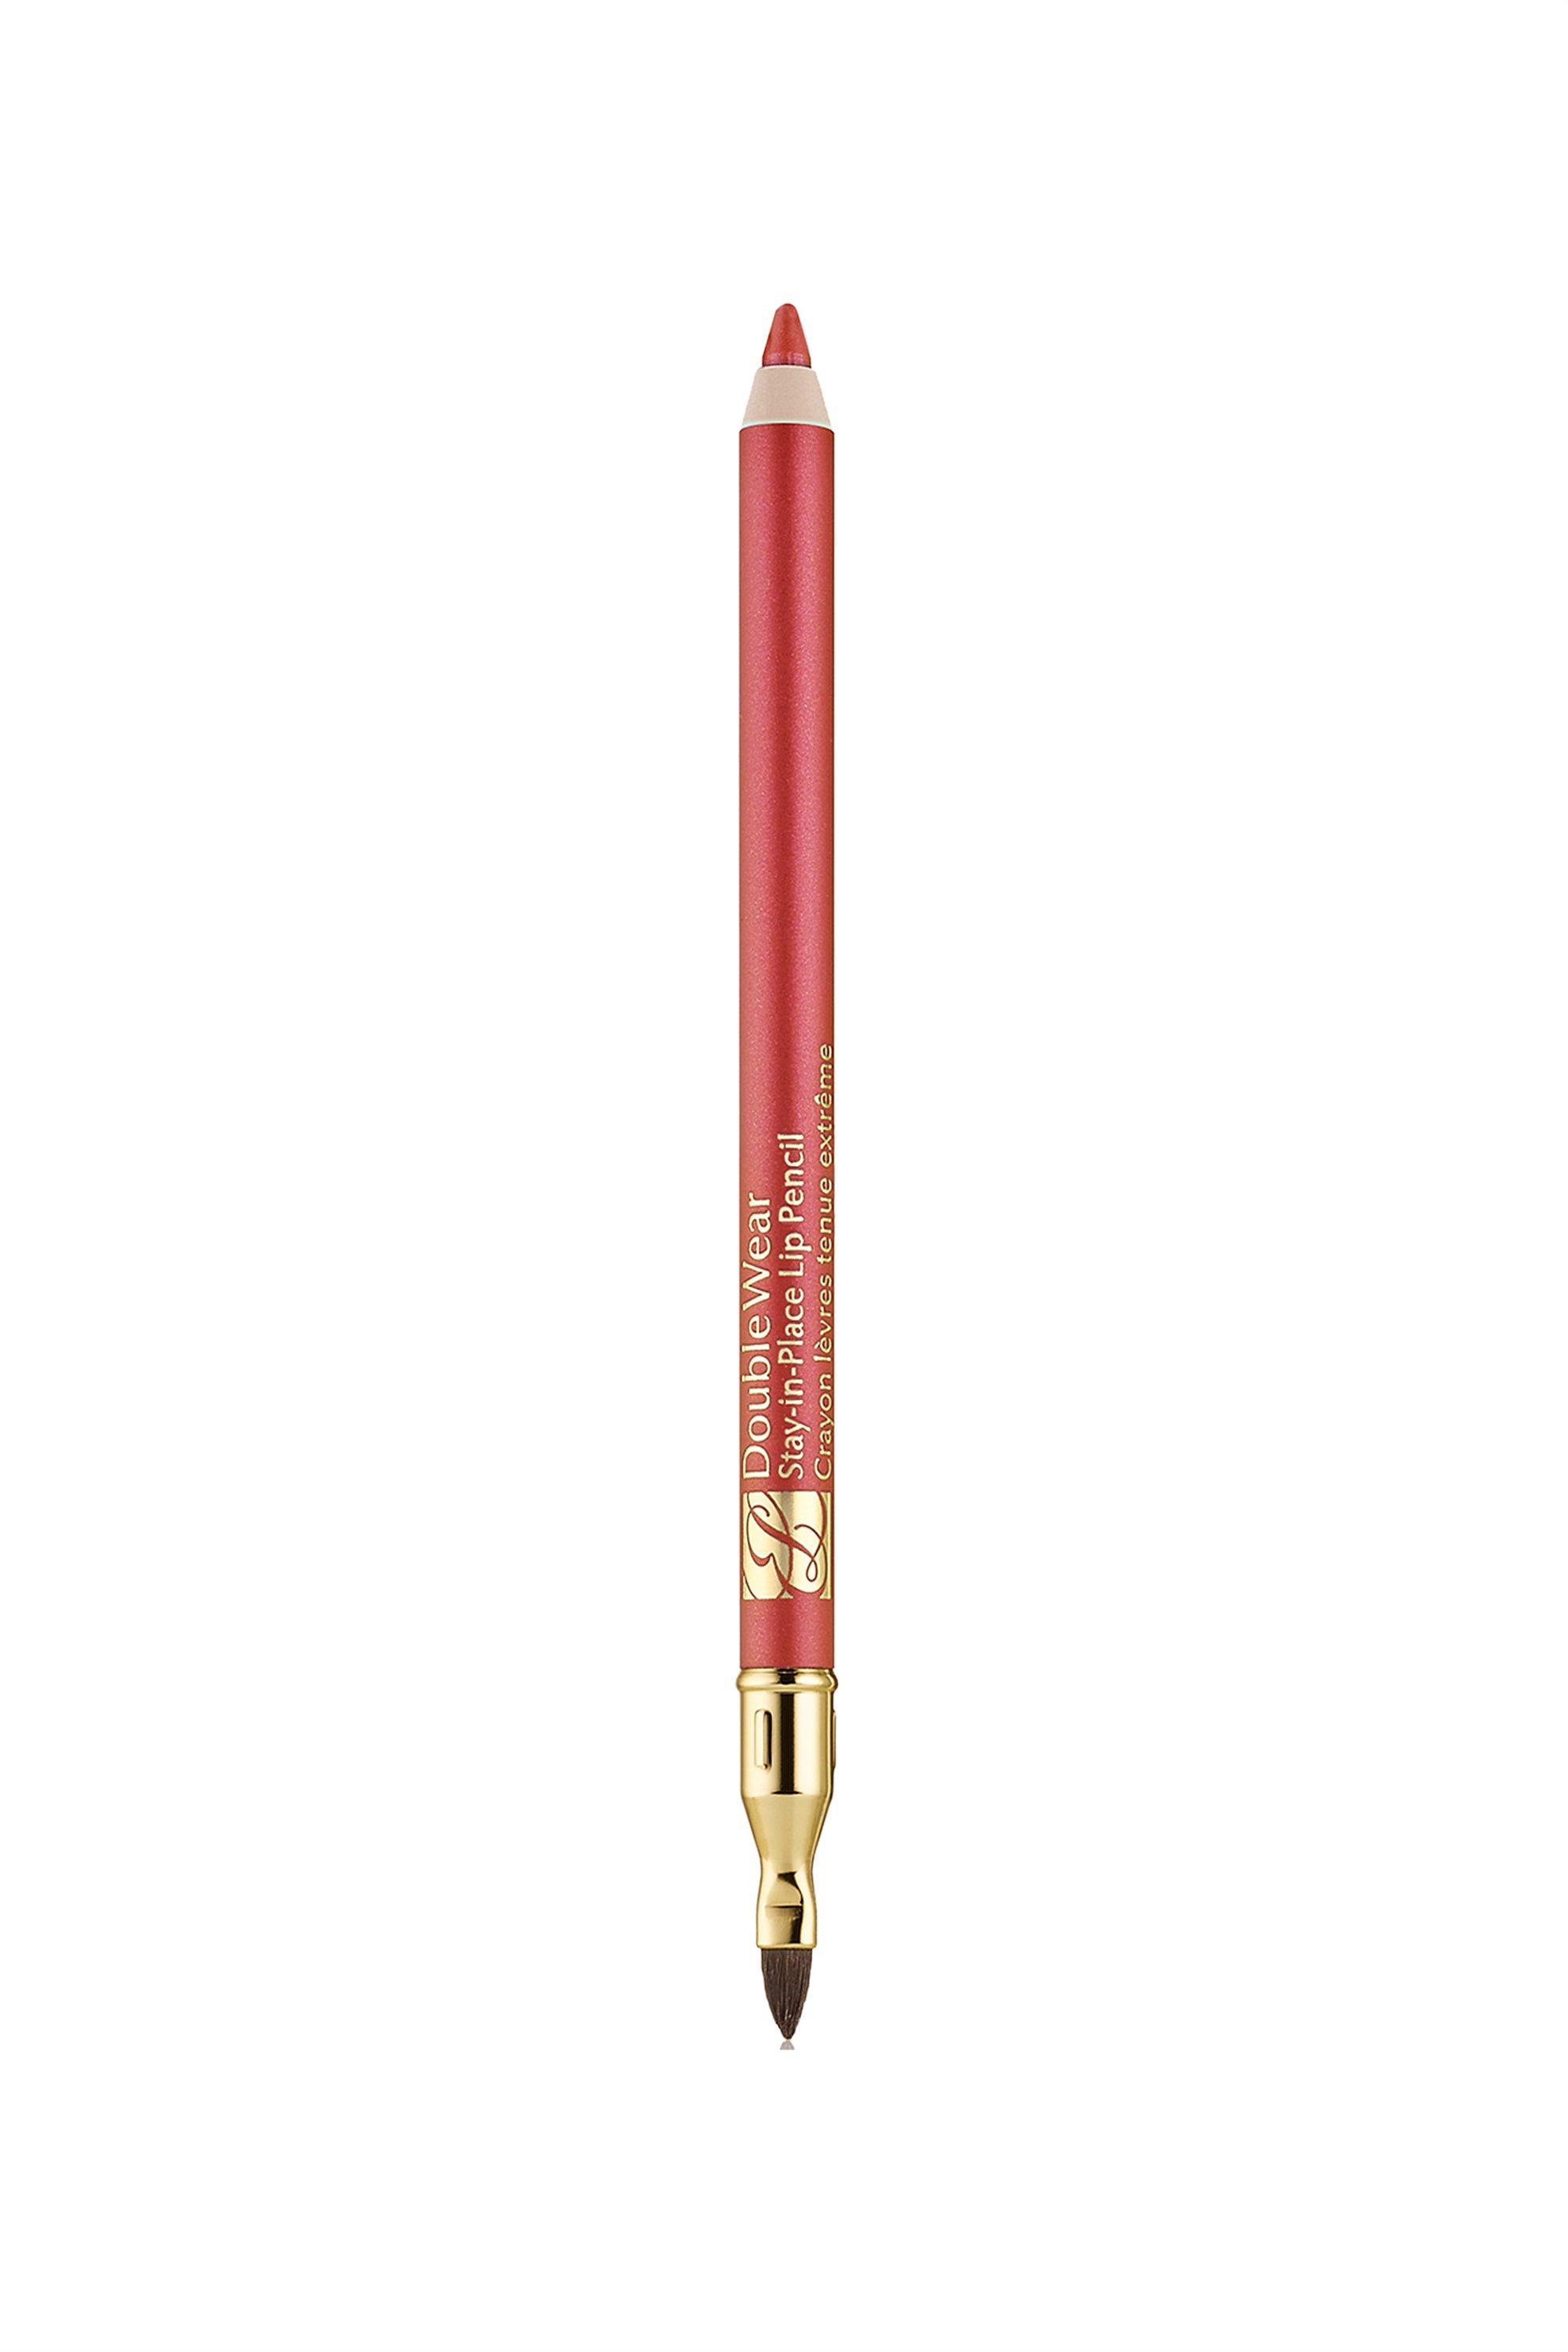 Estée Lauder Double Wear Stay-In-Place Lip Pencil 01 Pink 1,2 gr. - W3E1010000 ομορφια   καλλυντικα επιλεκτικησ   μακιγιάζ   χείλη   μολύβια χειλιών